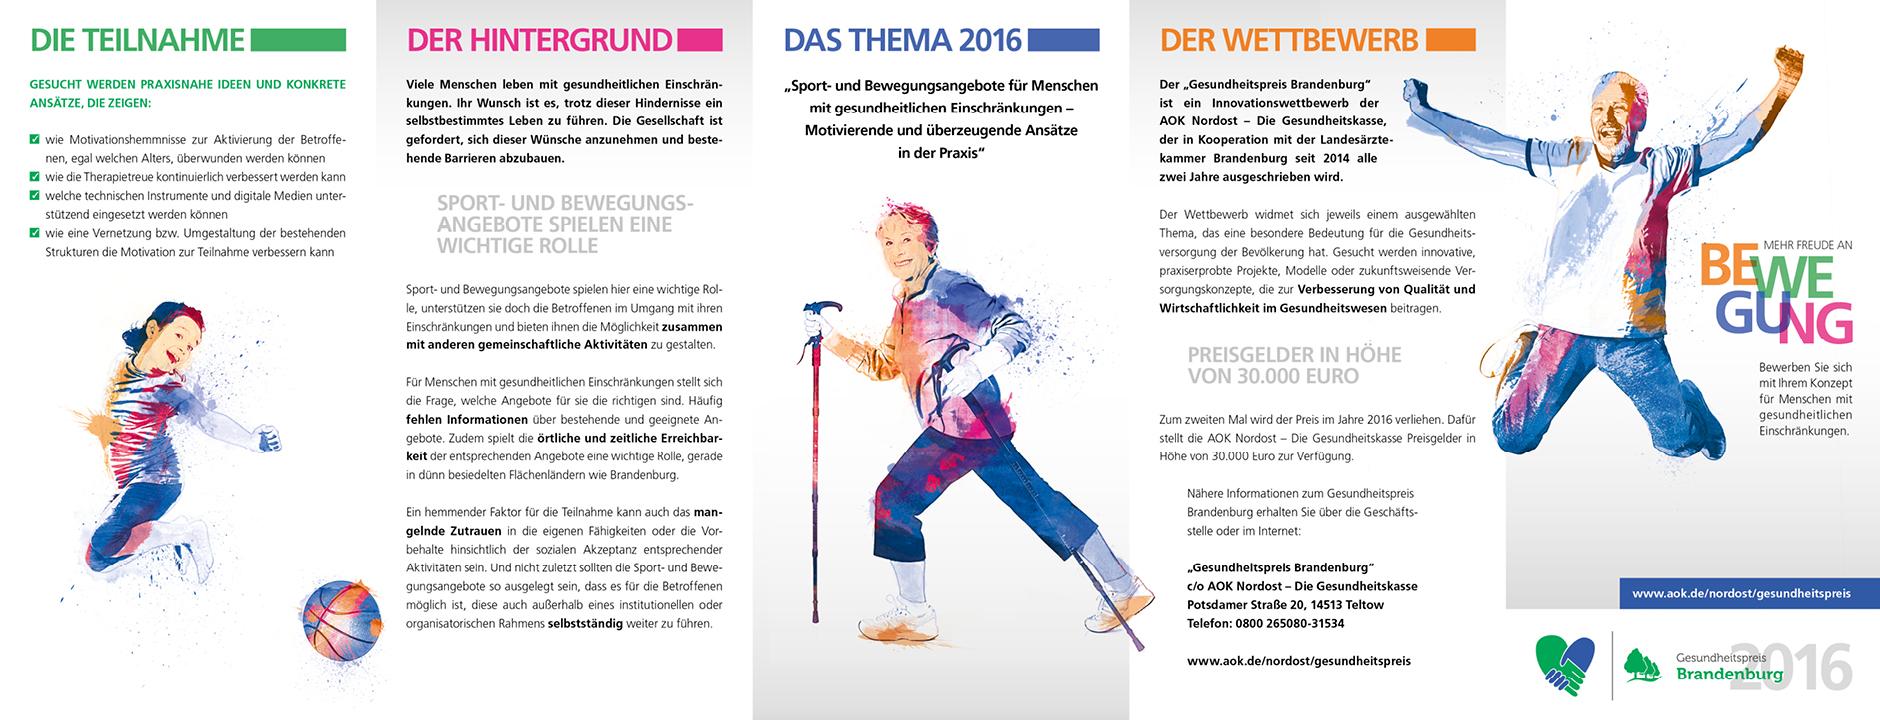 Gesundheitspreis Brandenburg 2016 – Flyergestaltung